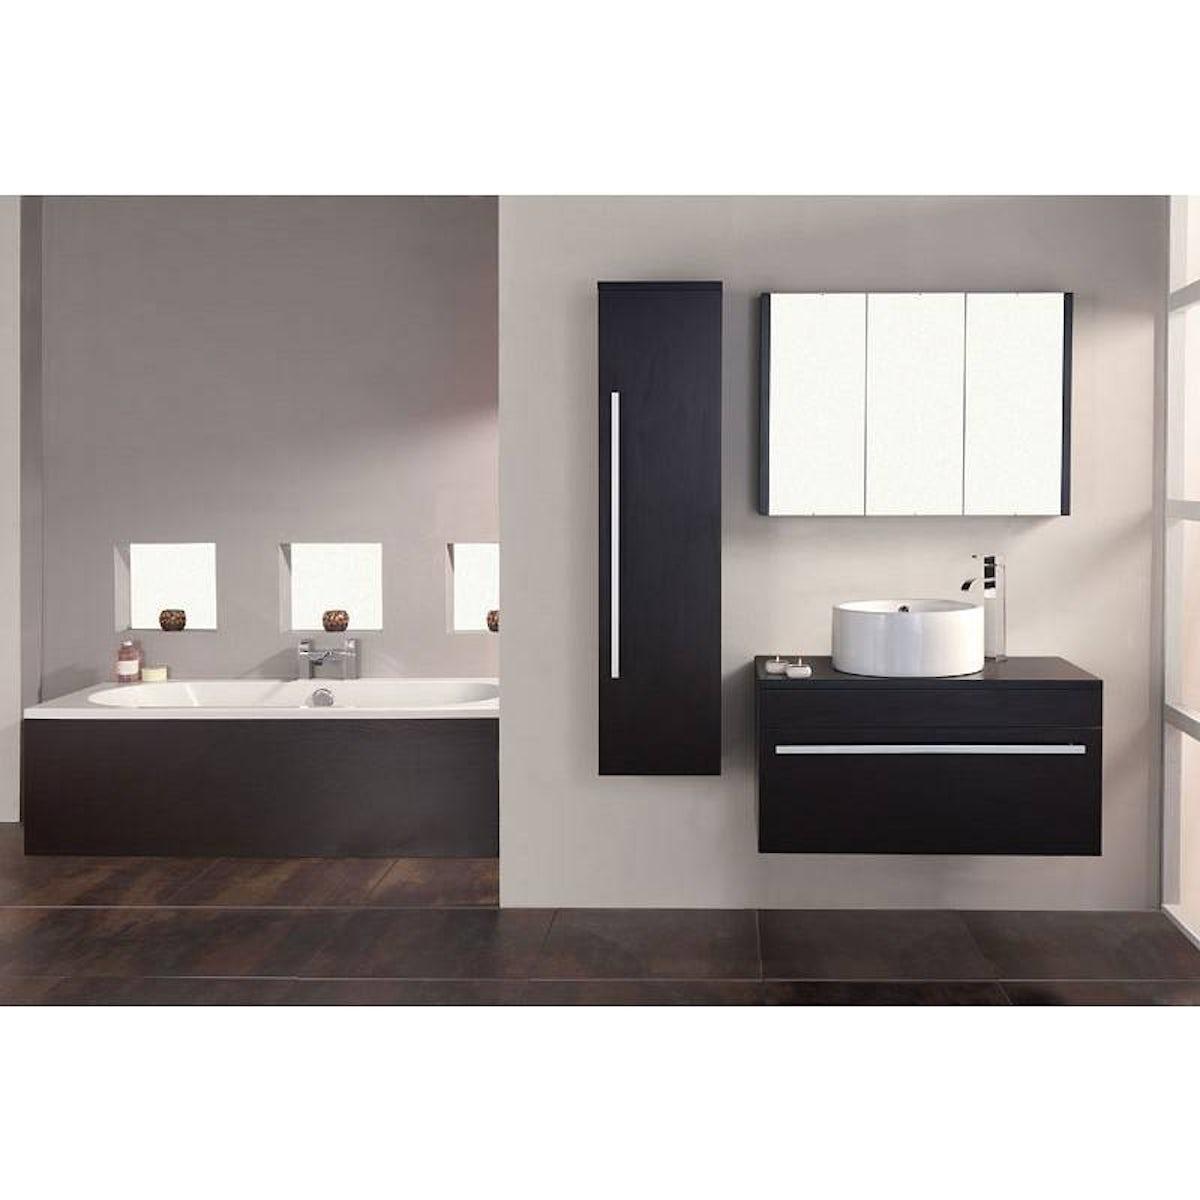 wenge mirror bathroom cabinet cabinets matttroy